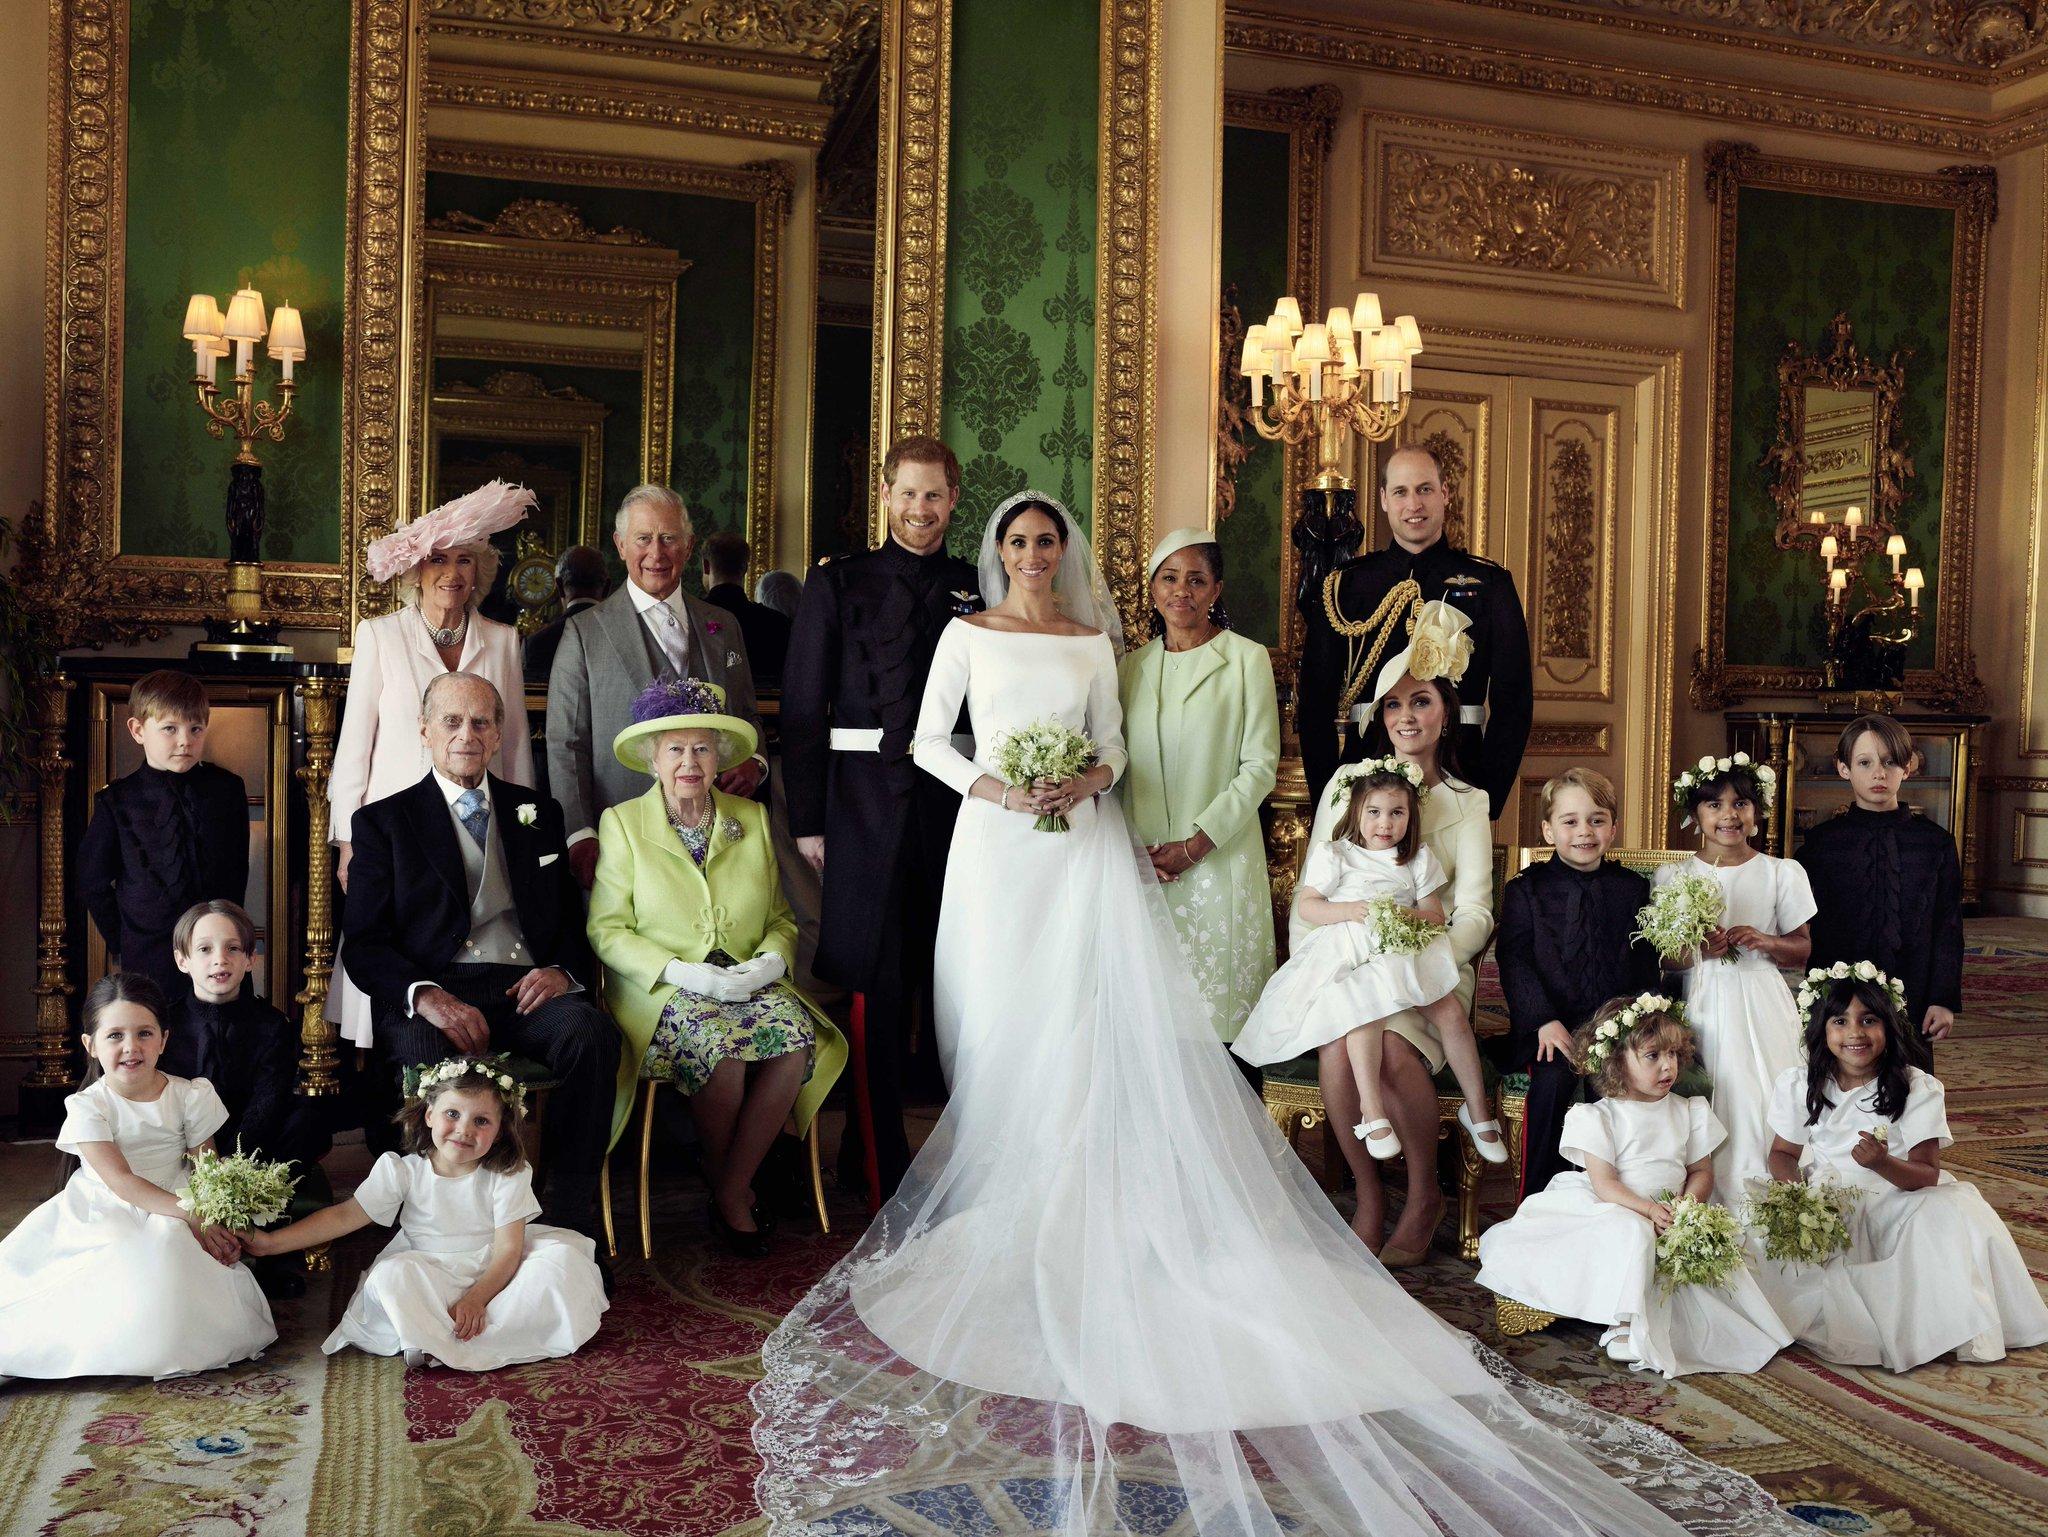 Książę Harry i Meghan Markle - zdjęcie 2